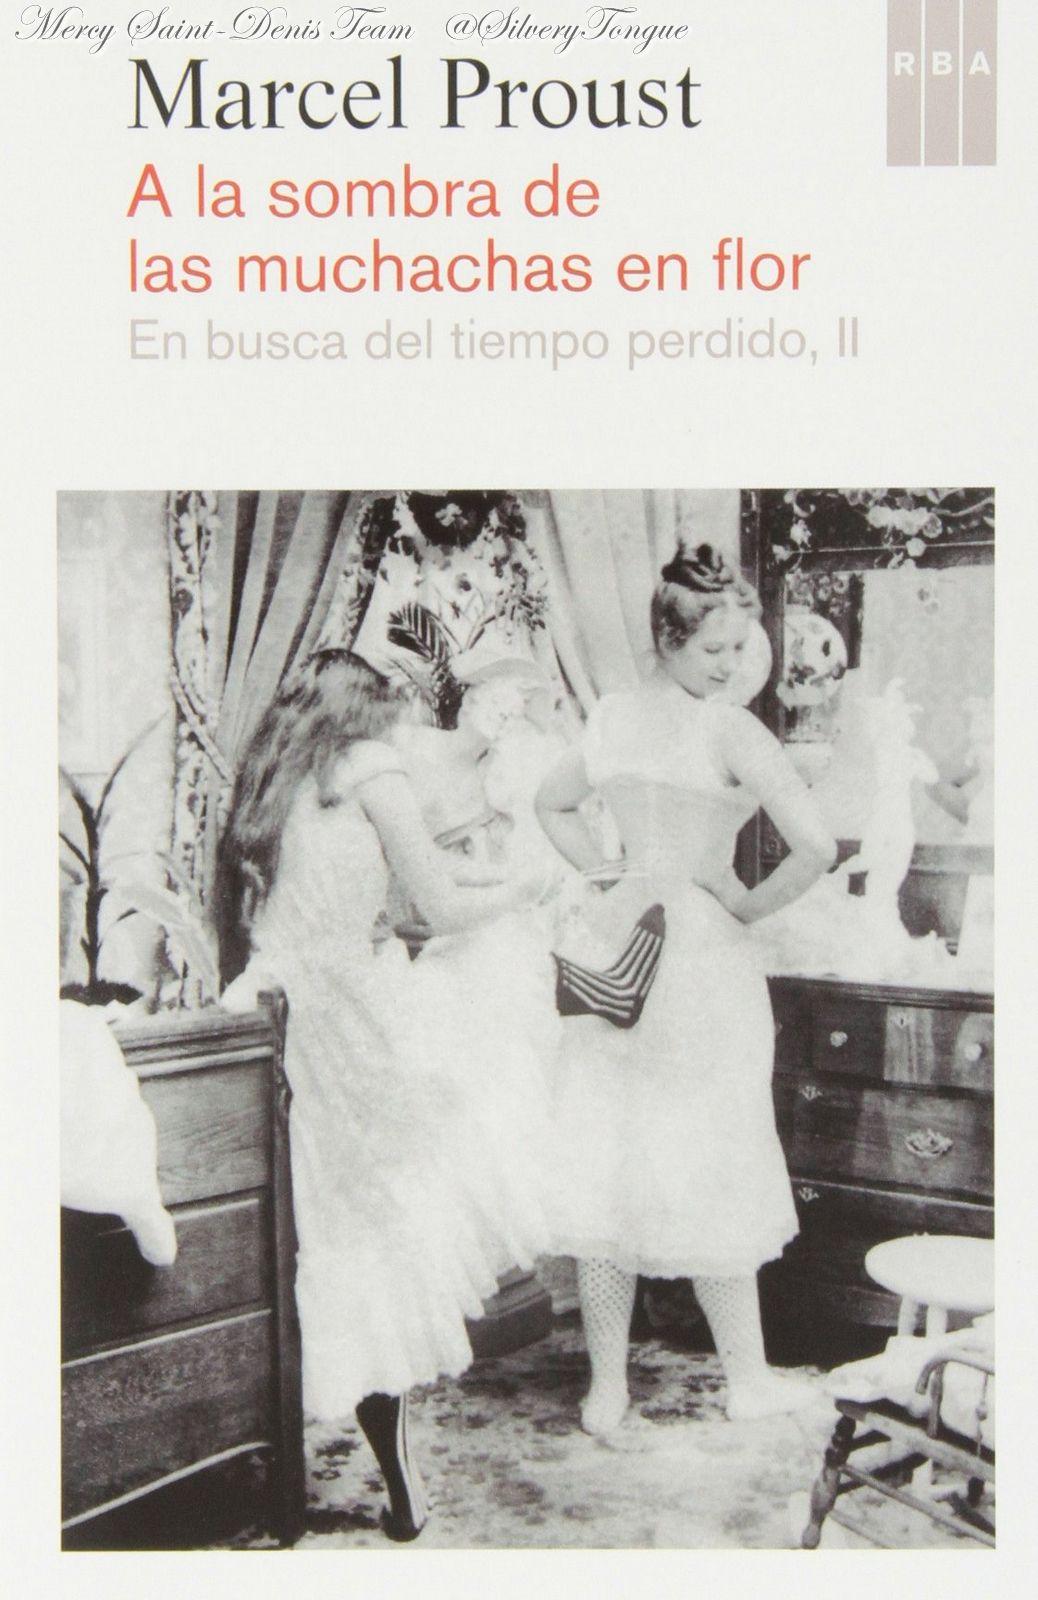 A La Sombra De Las Muchachas En Flor Marcel Proust Marcel Proust Libros Gratis Marcel